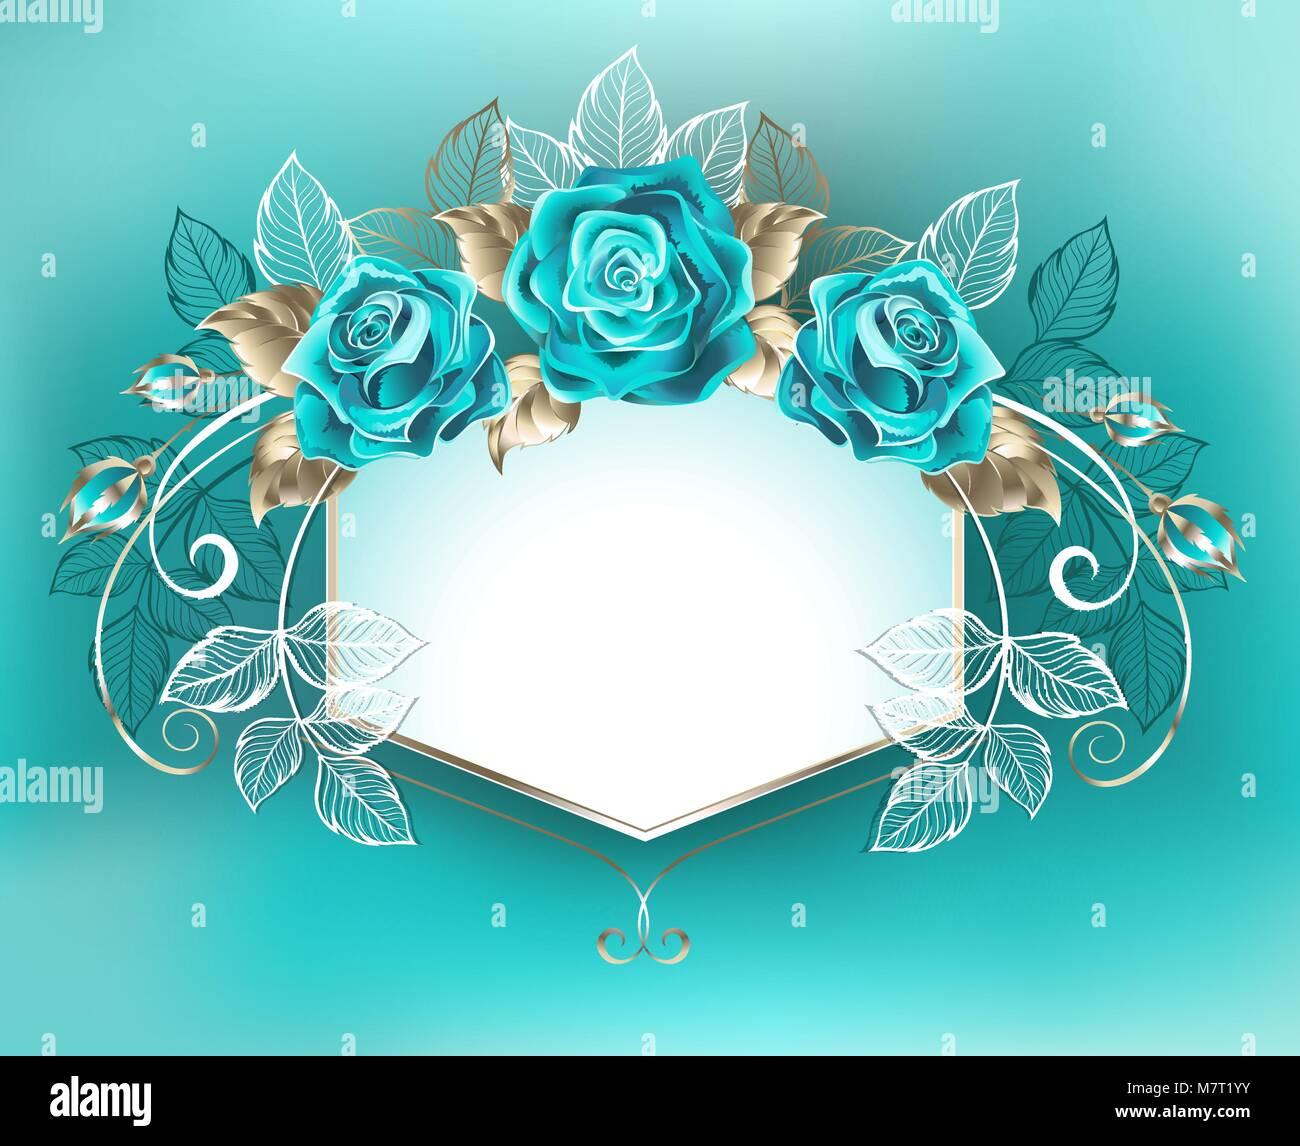 Banner Bianco Decorata Con Rose Di Color Turchese Con Foglie Di Oro